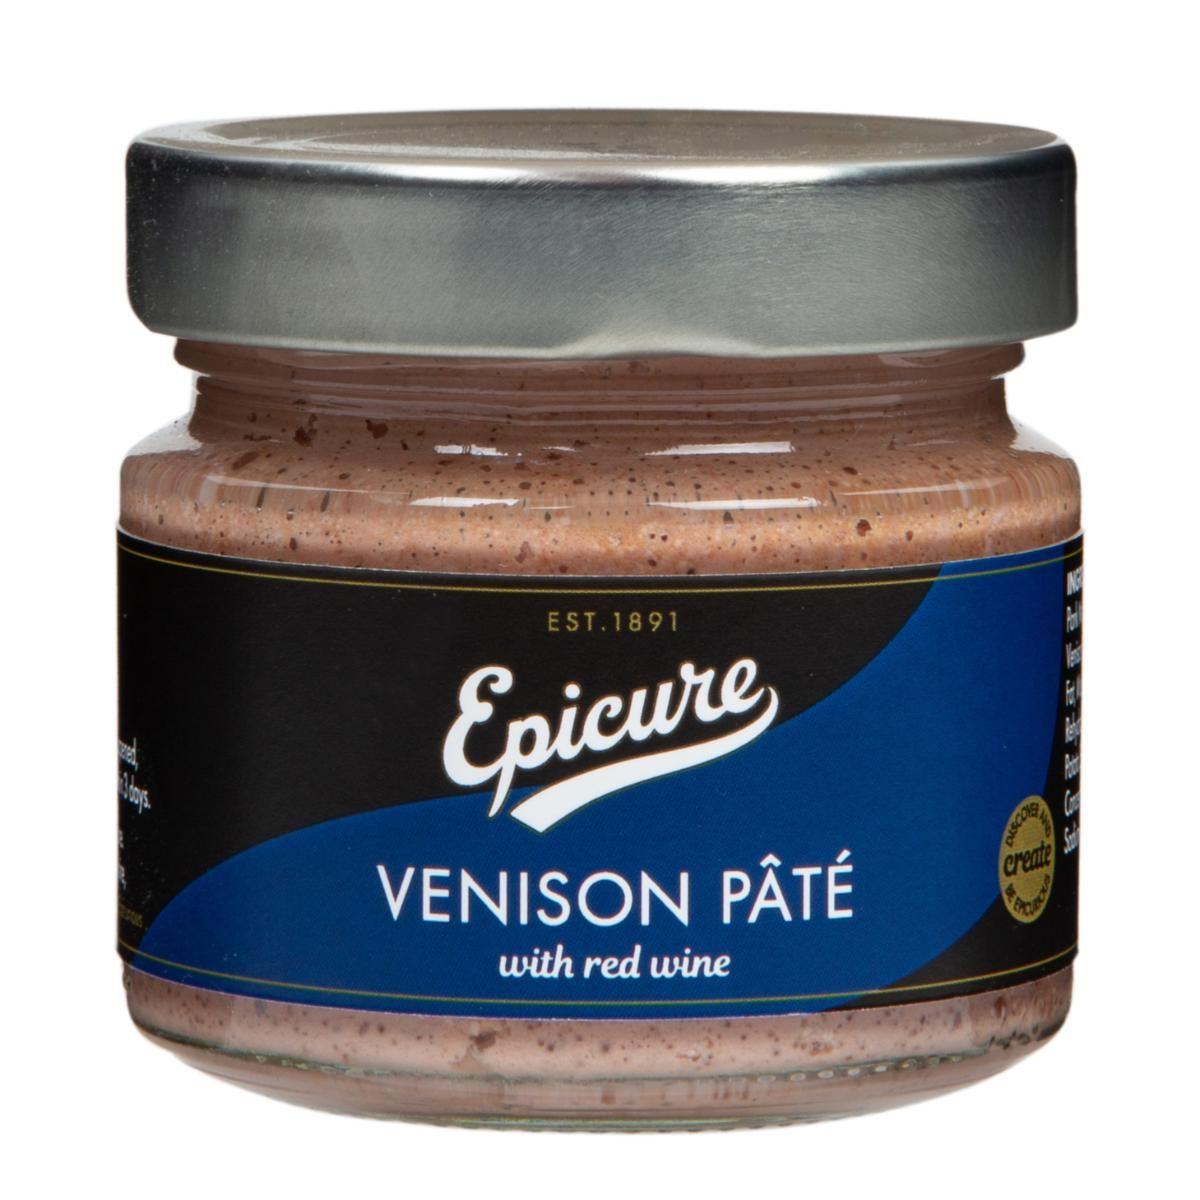 Epicure Venison Pate